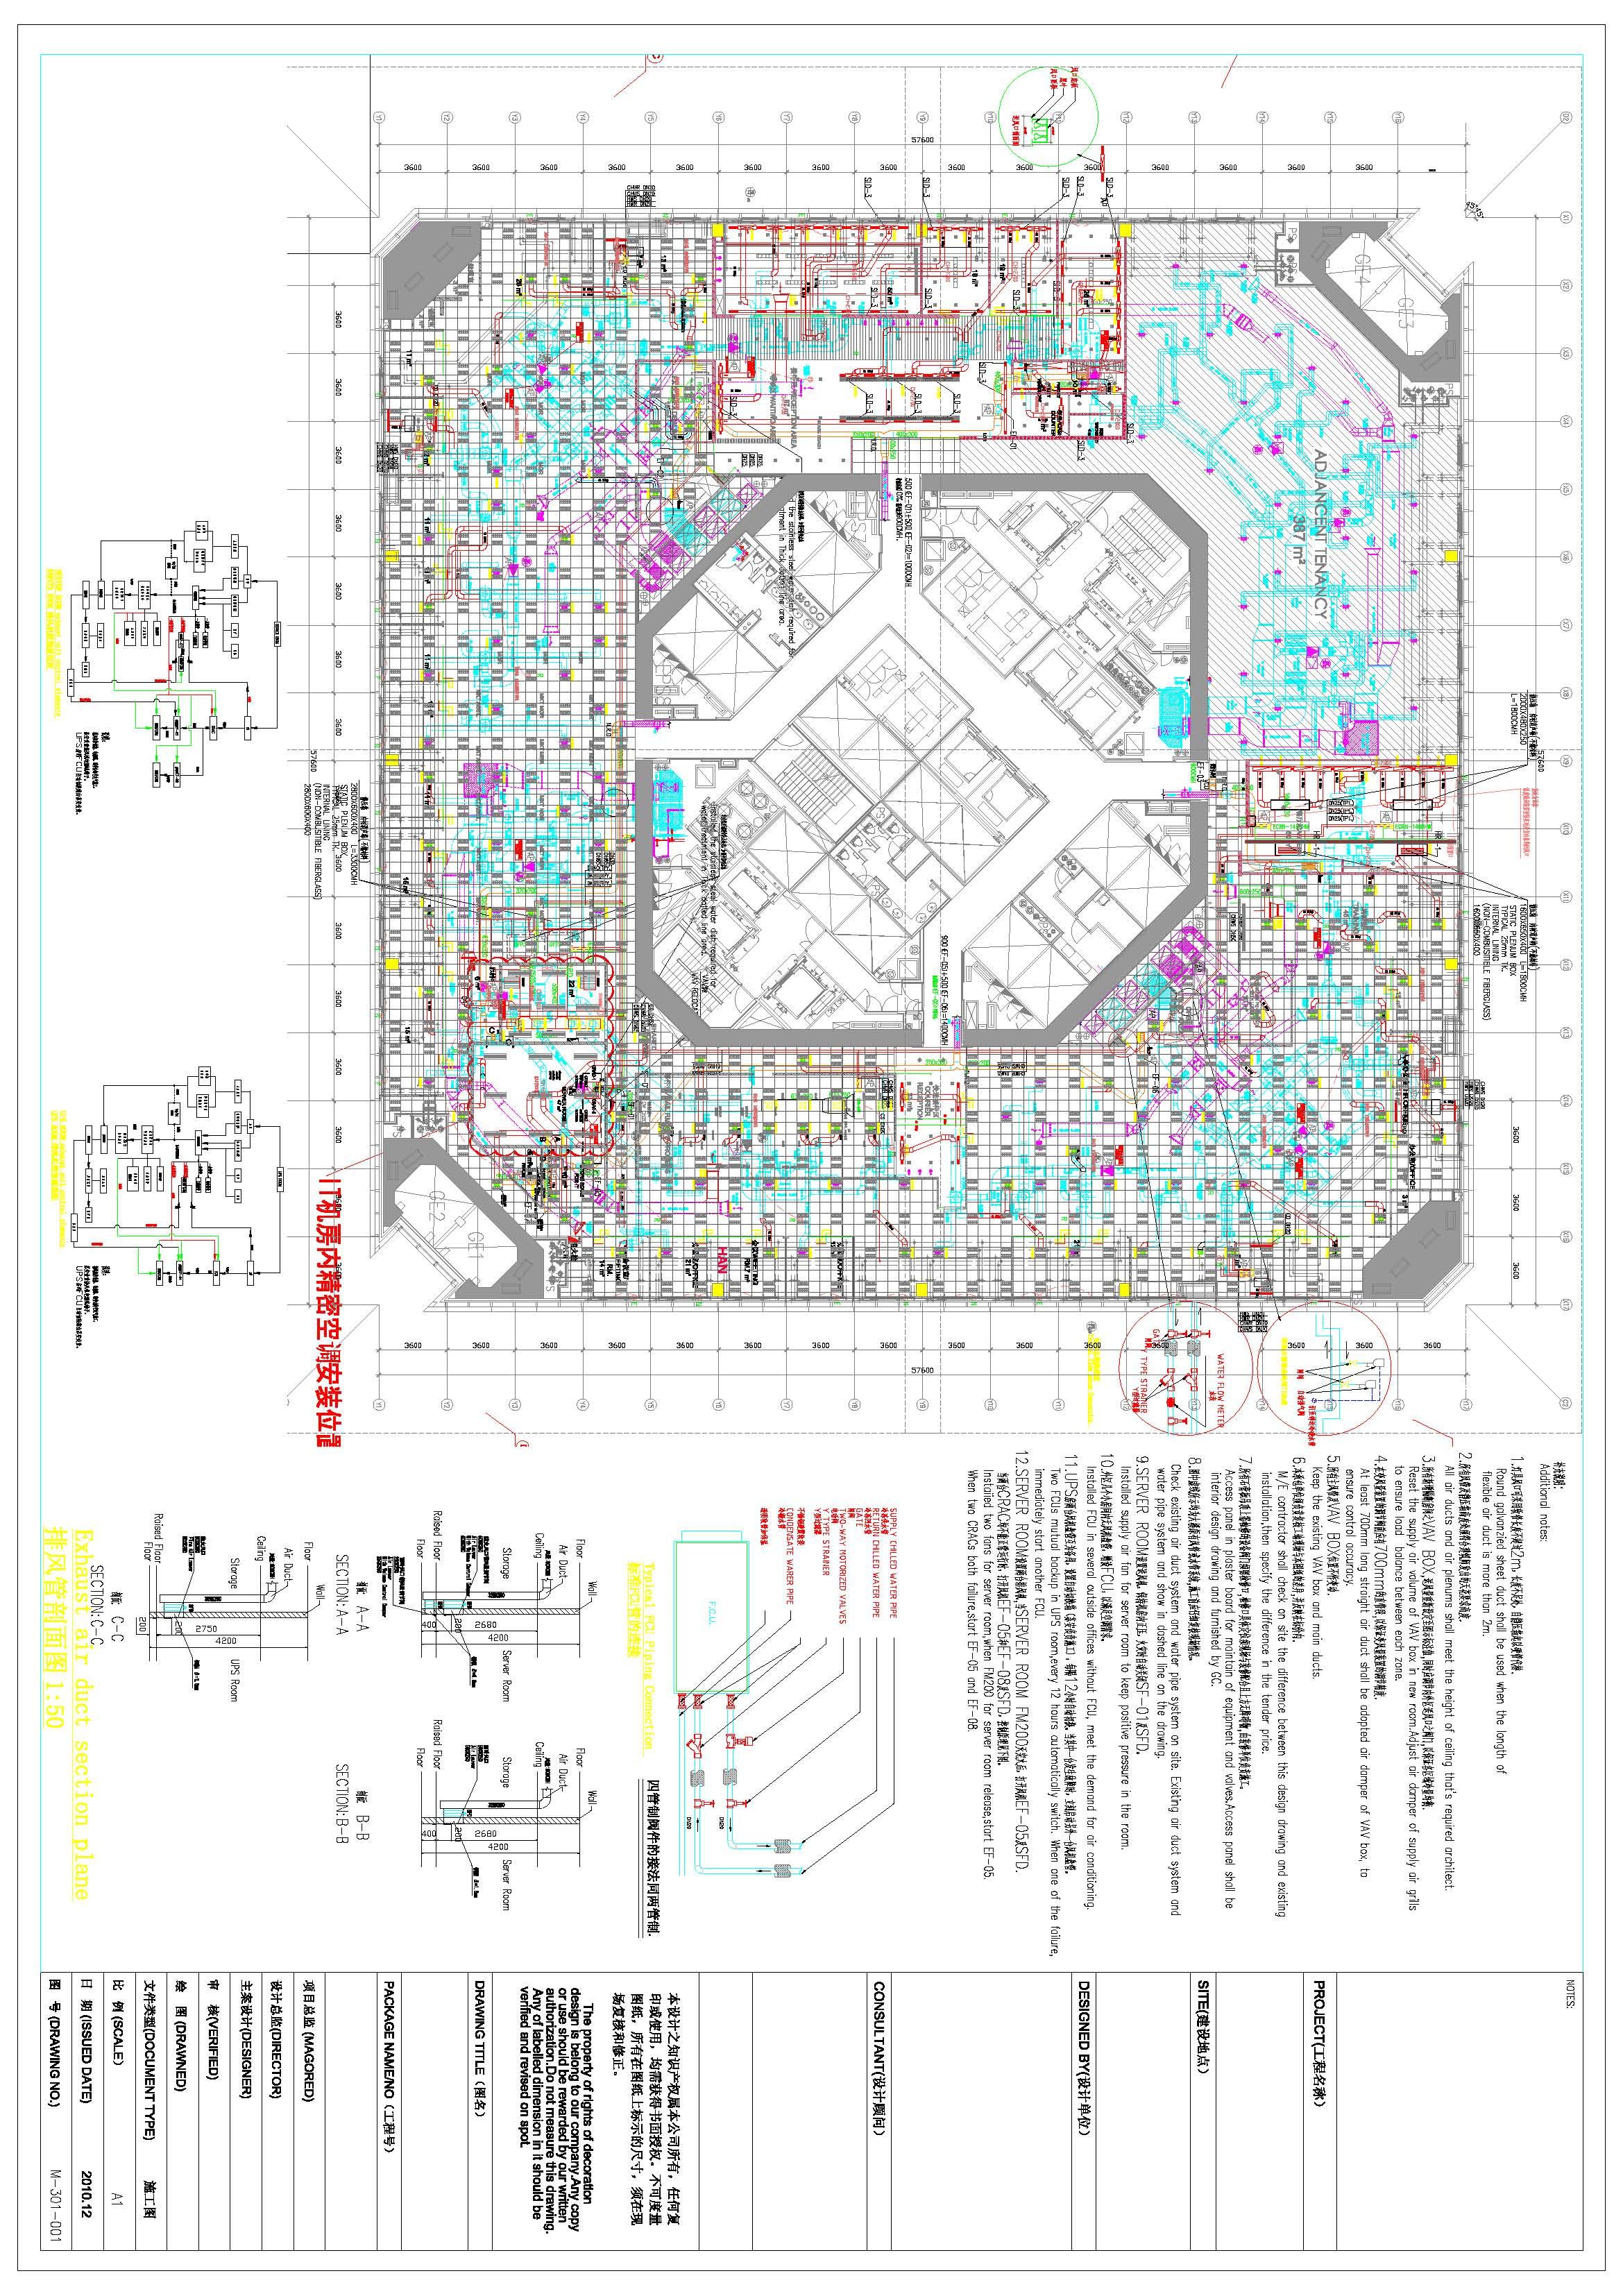 室内装修施工图大全 别墅室内装修施工图  所属分类:给排水图纸  银行